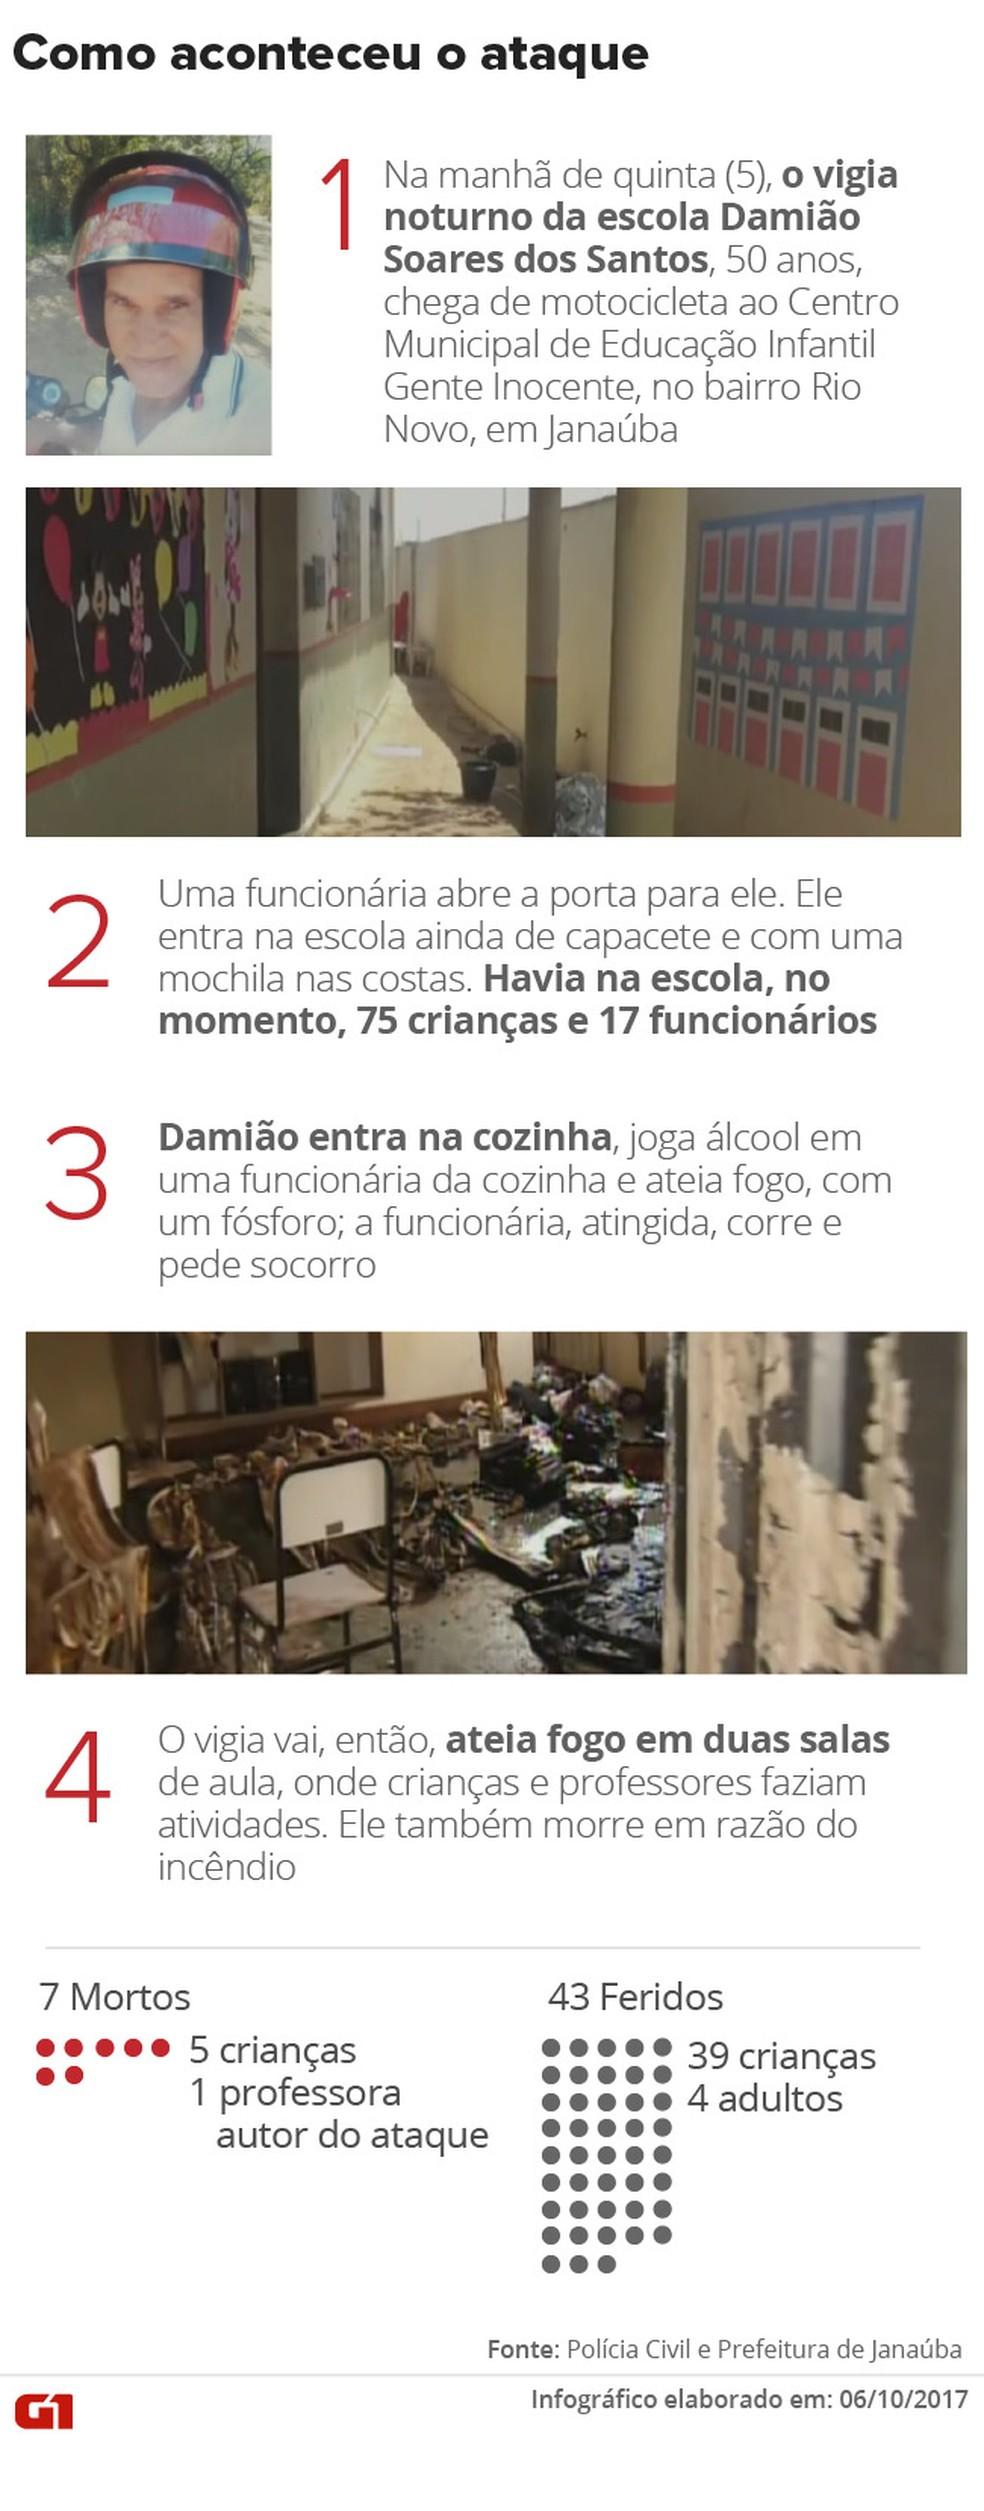 Como aconteceu o ataque em Janauba — Foto: Arte/G1